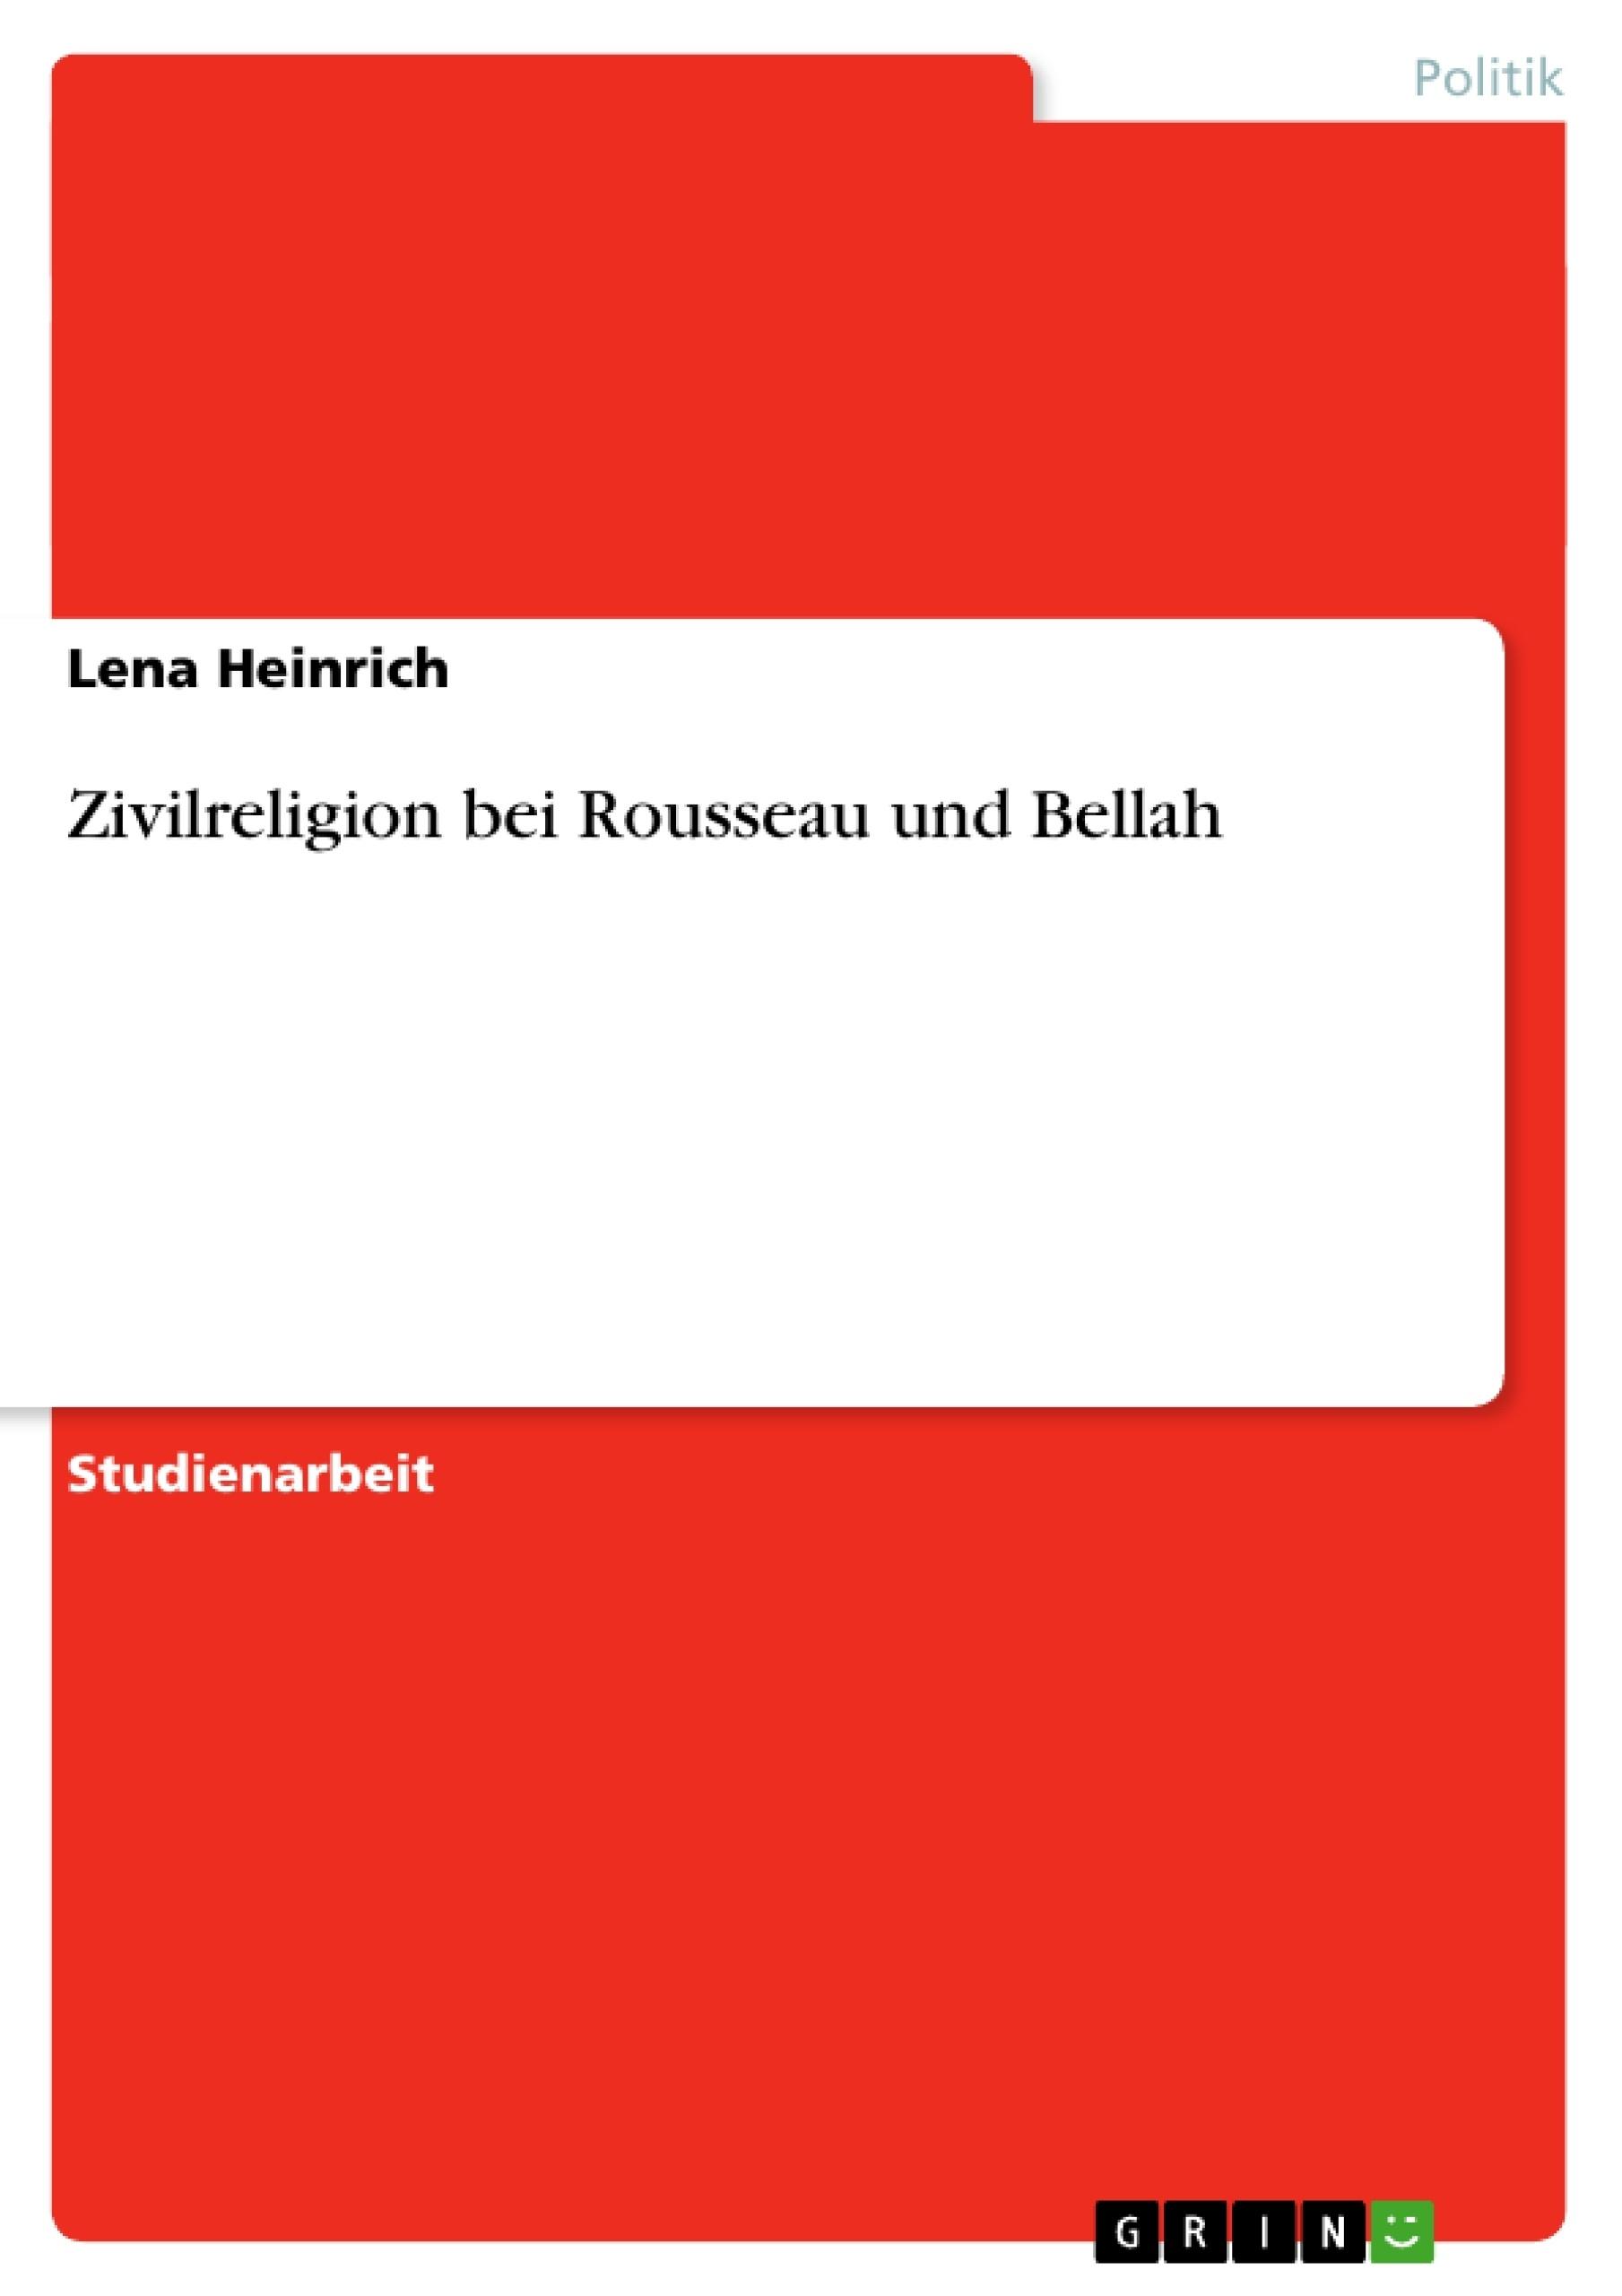 Titel: Zivilreligion bei Rousseau und Bellah